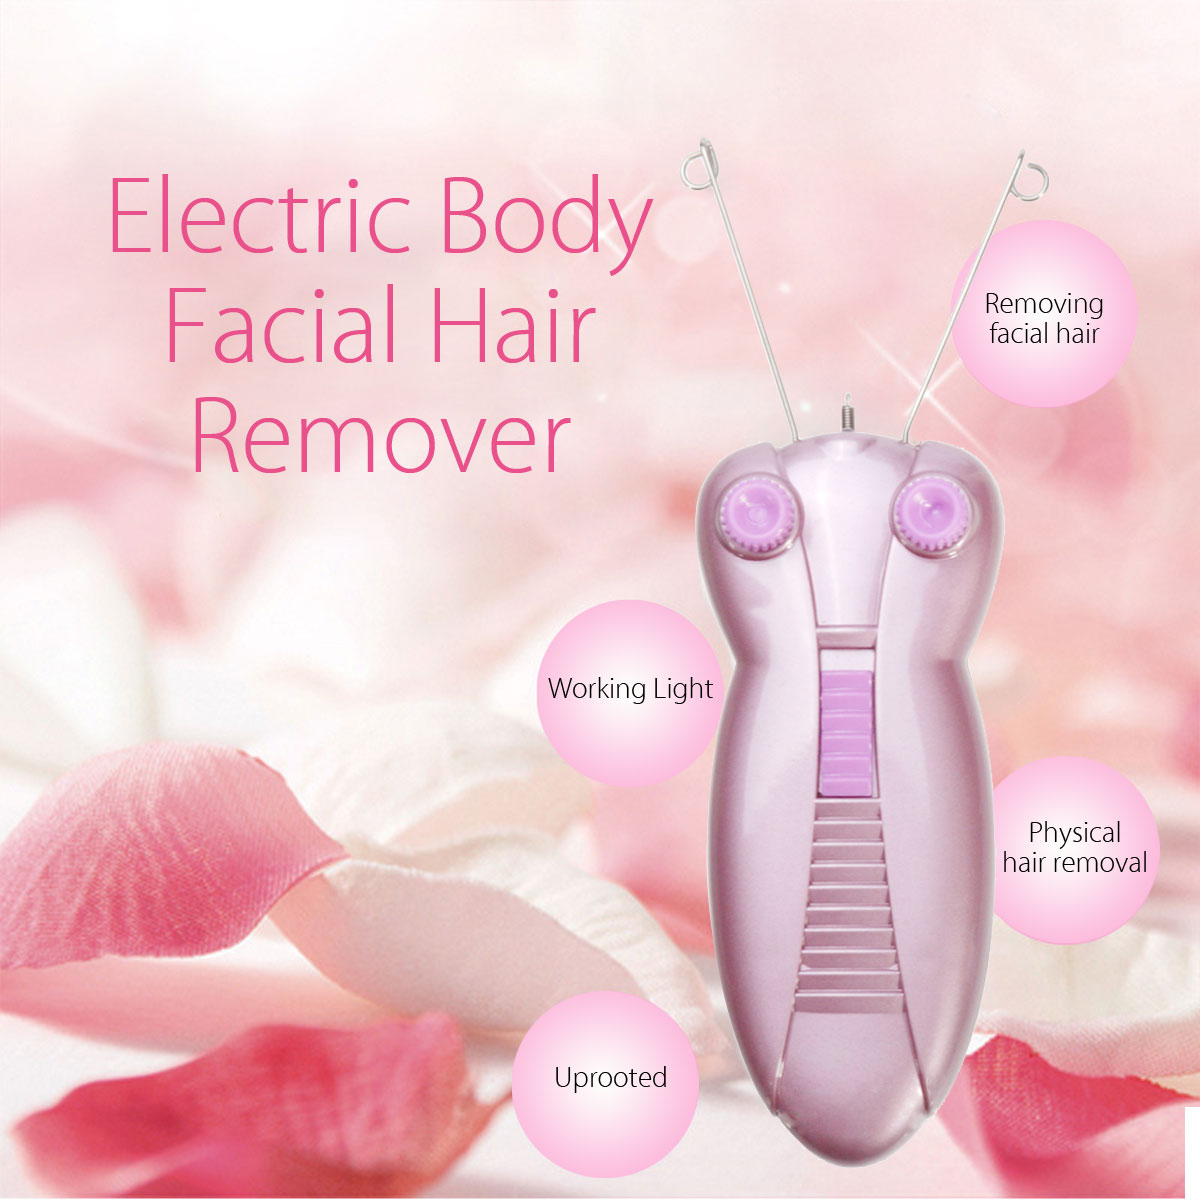 SURKER Mini Electric Body Neck Leg Hair Face Facial Hair Remover Defeatherer Cotton Thread Epilator Shaver Removal For Women